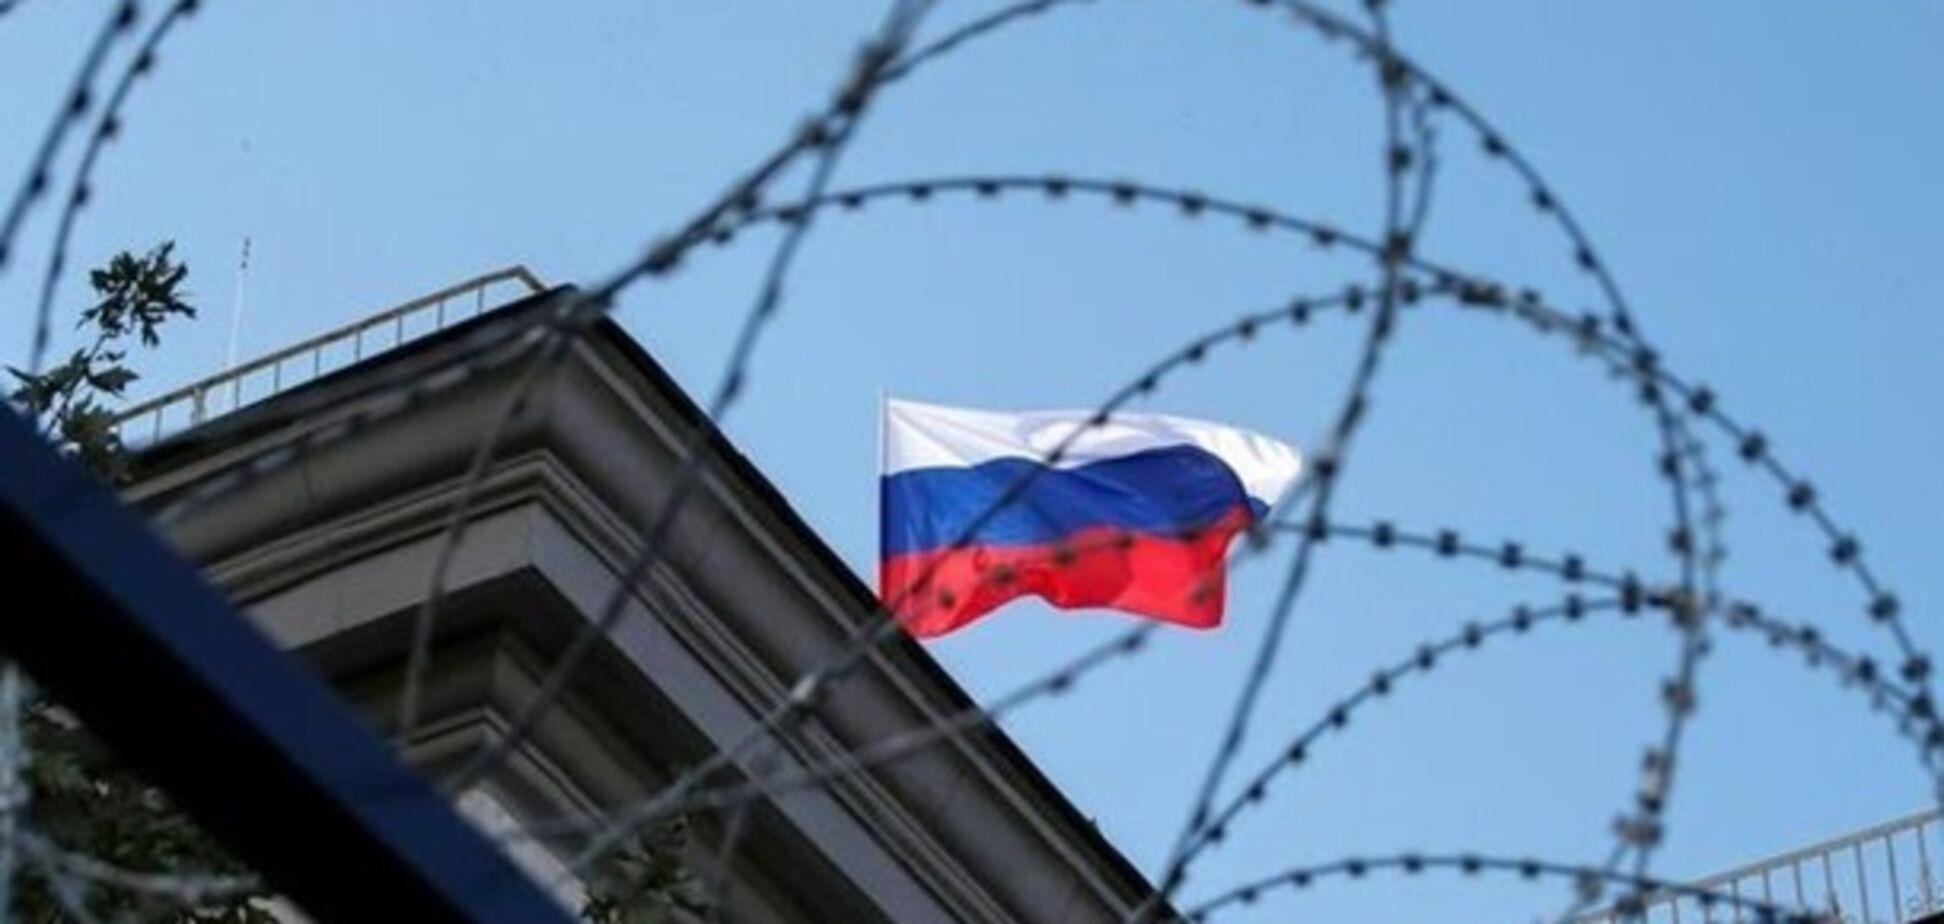 Сын Порошенко, Ярош и Тимошенко: против кого Россия ввела санкции. Полный список